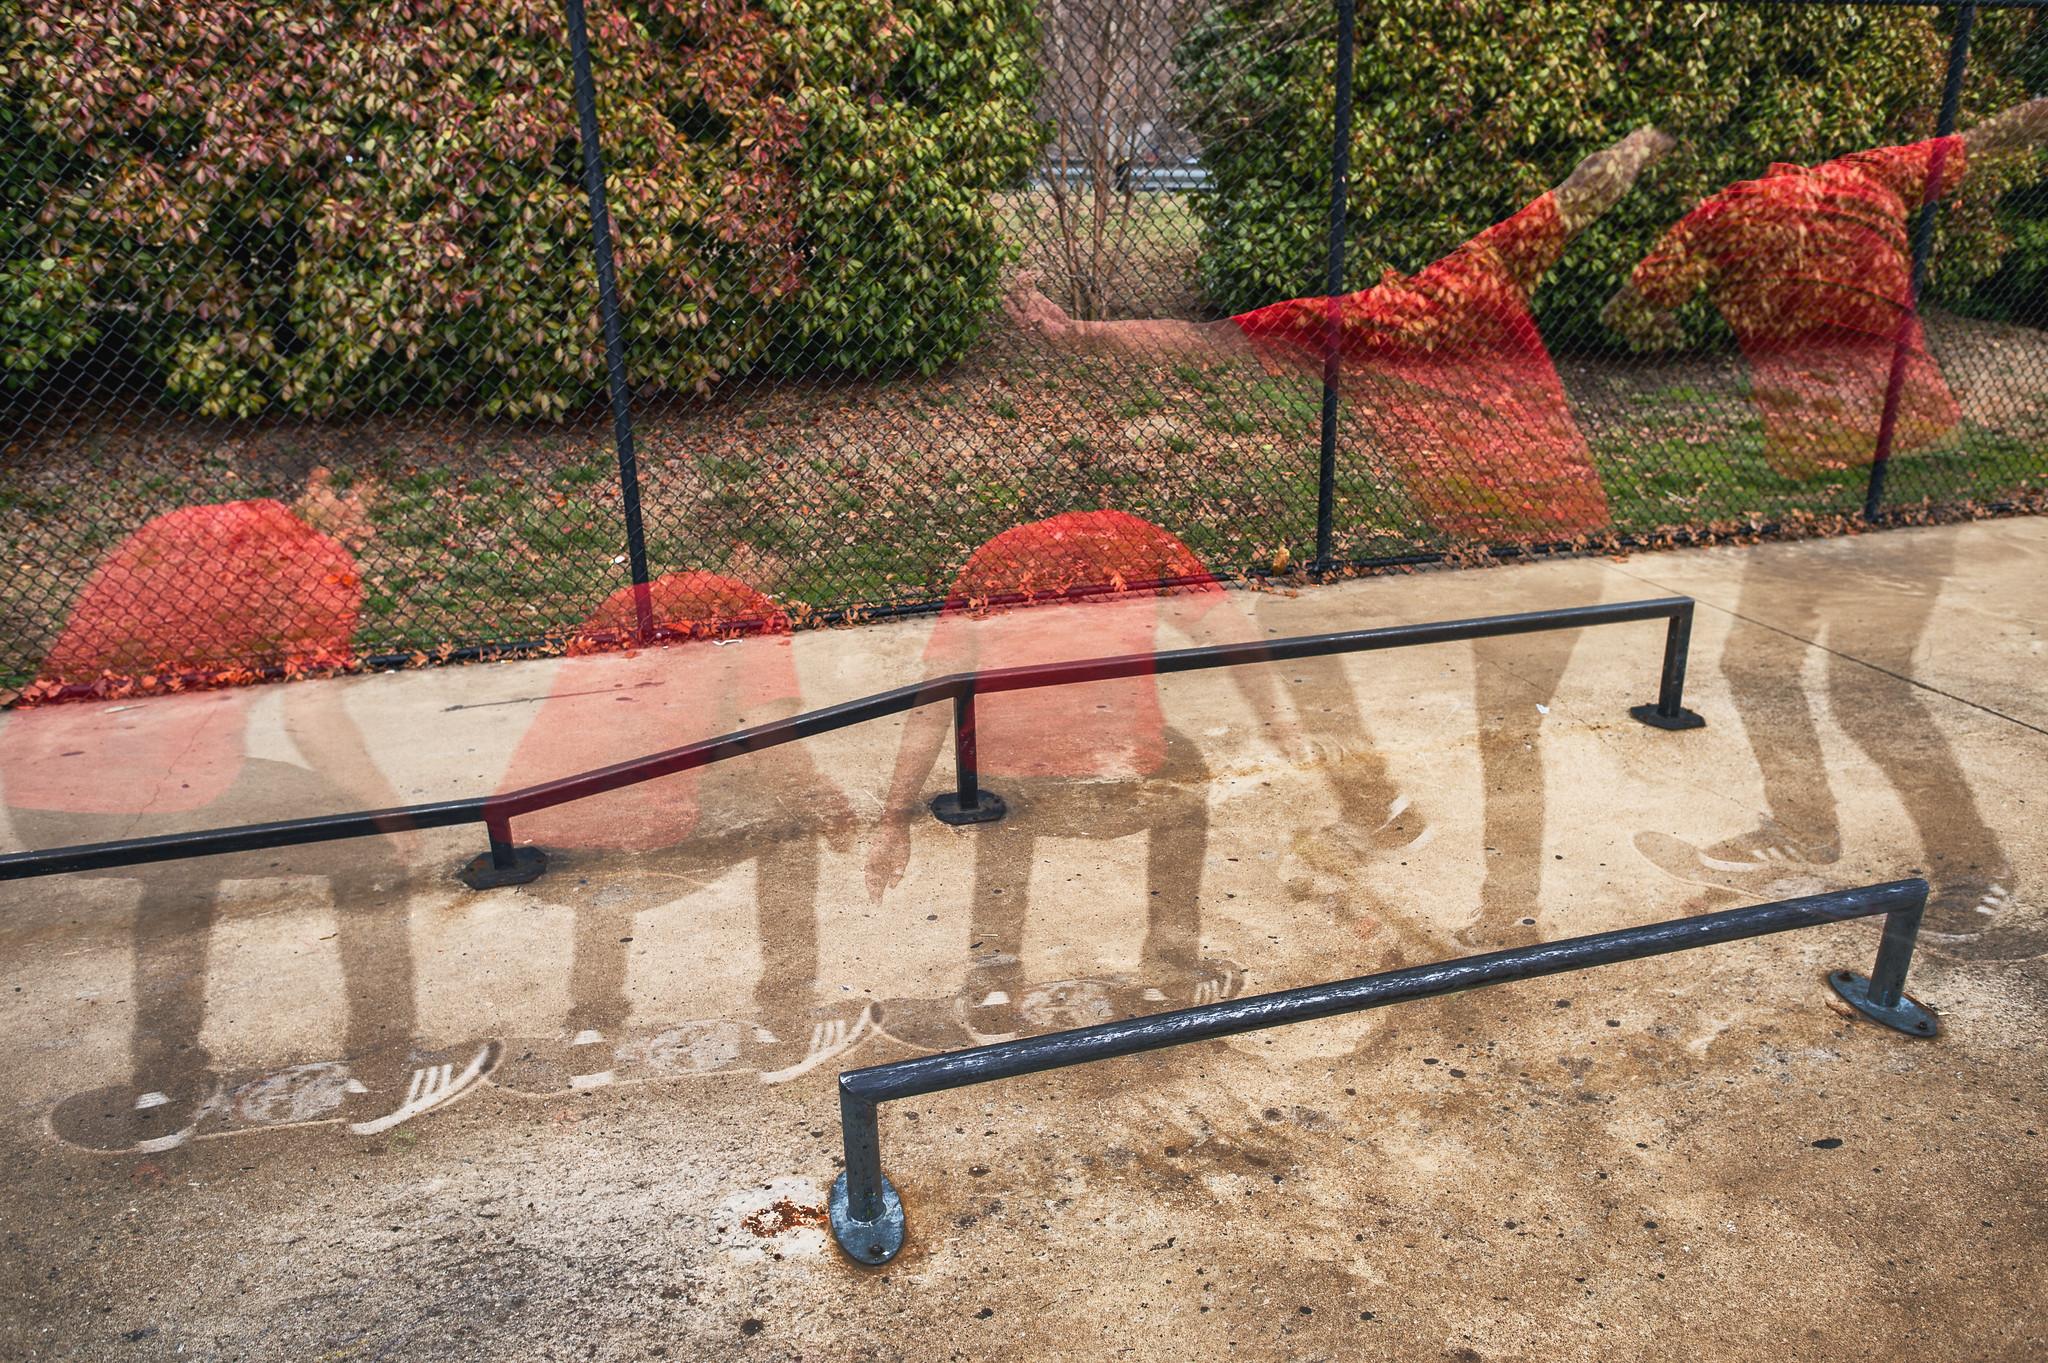 Skatepark Spectre 4